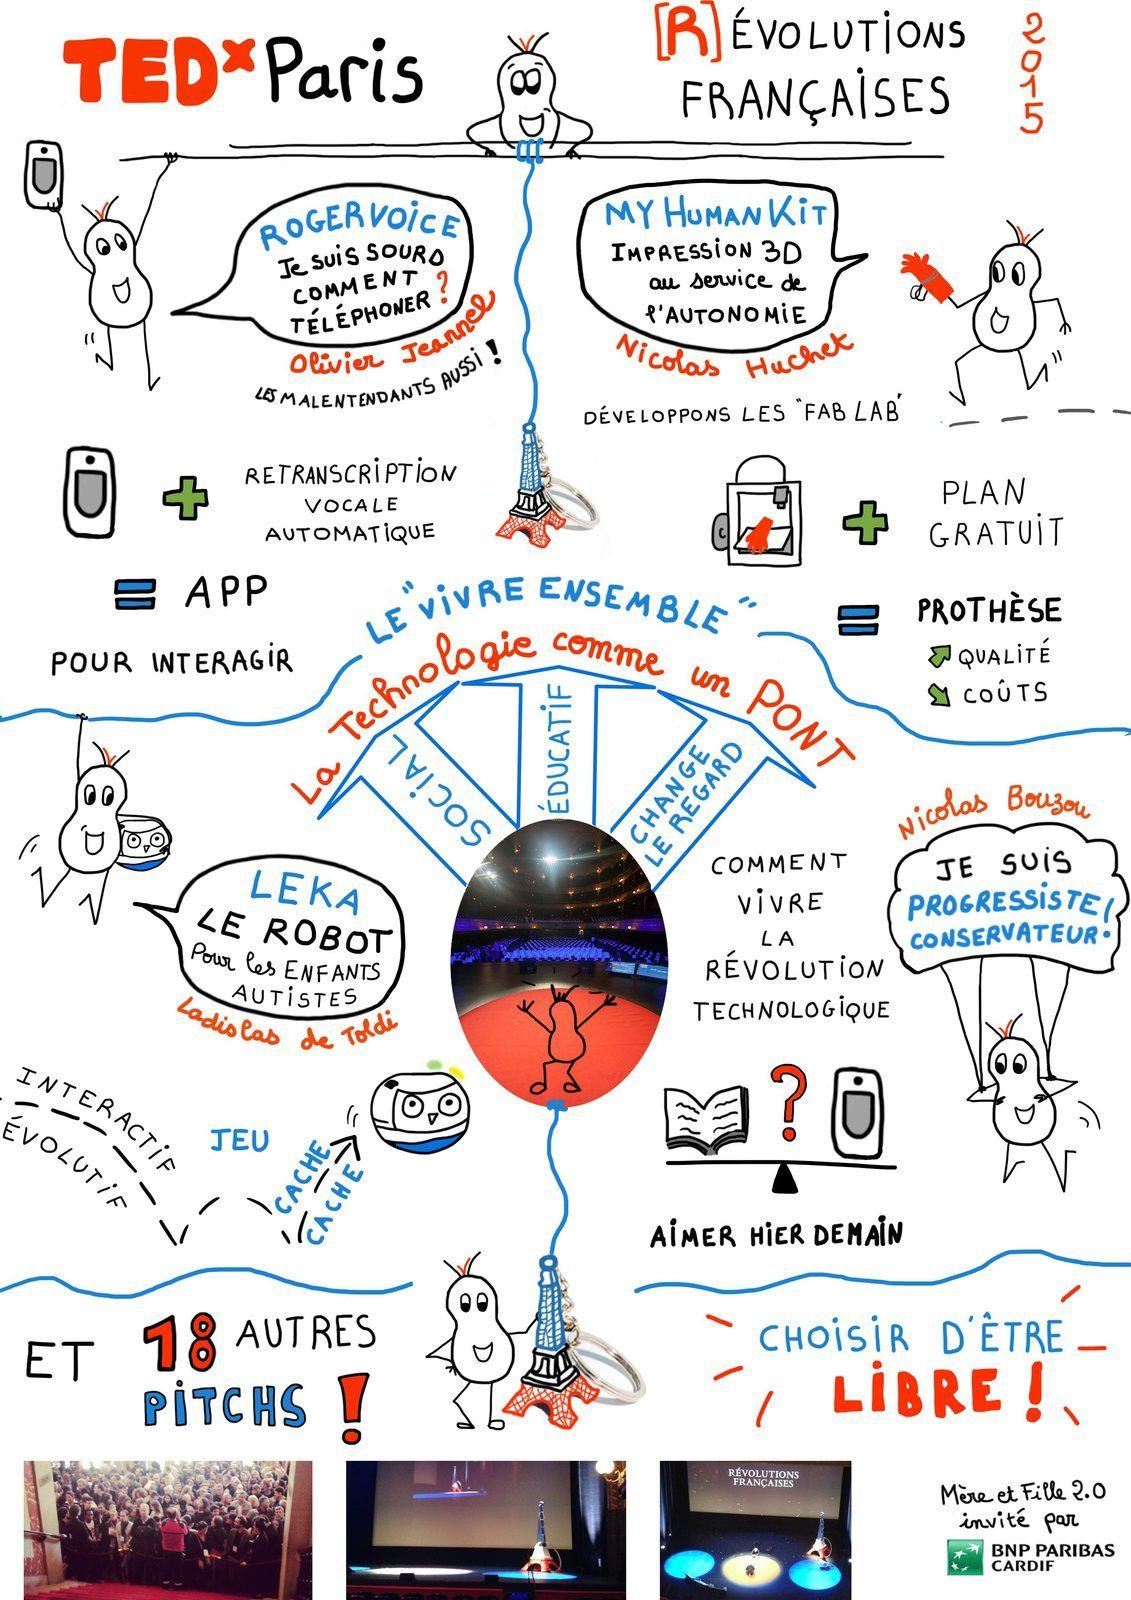 Sketchnote du #TEDxParis, les (R)évolutions Françaises